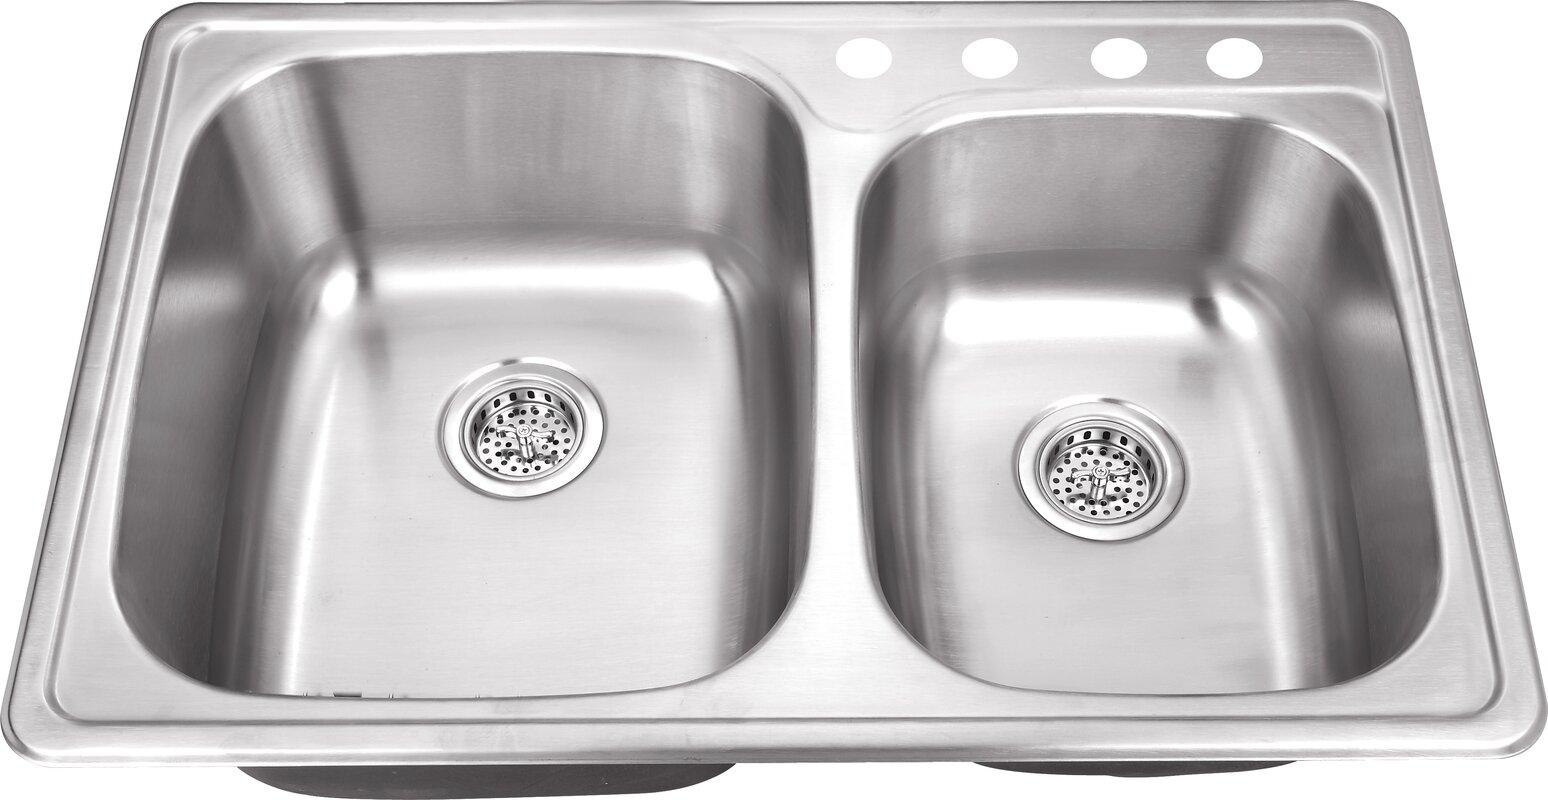 Metal Kitchen Sinks Soleil 33 x 22 drop in double bowl kitchen sink reviews wayfair 33 x 22 drop in double bowl kitchen sink workwithnaturefo